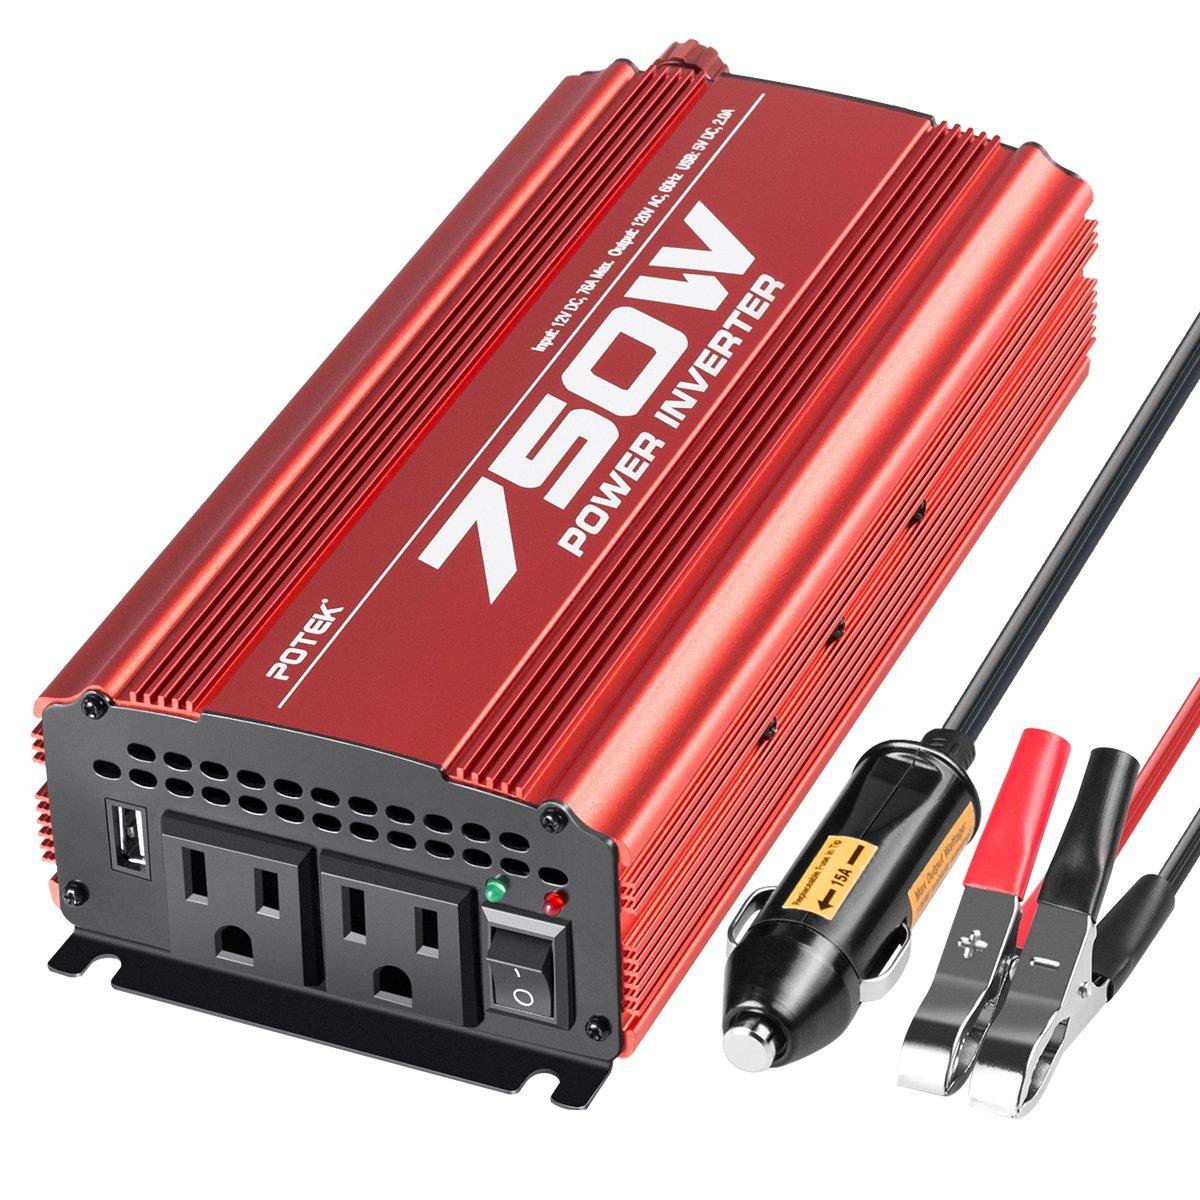 POTEK 750W Power Inverter DC 12 V to AC 115V Converter with 2A USB Charging Port by POTEK